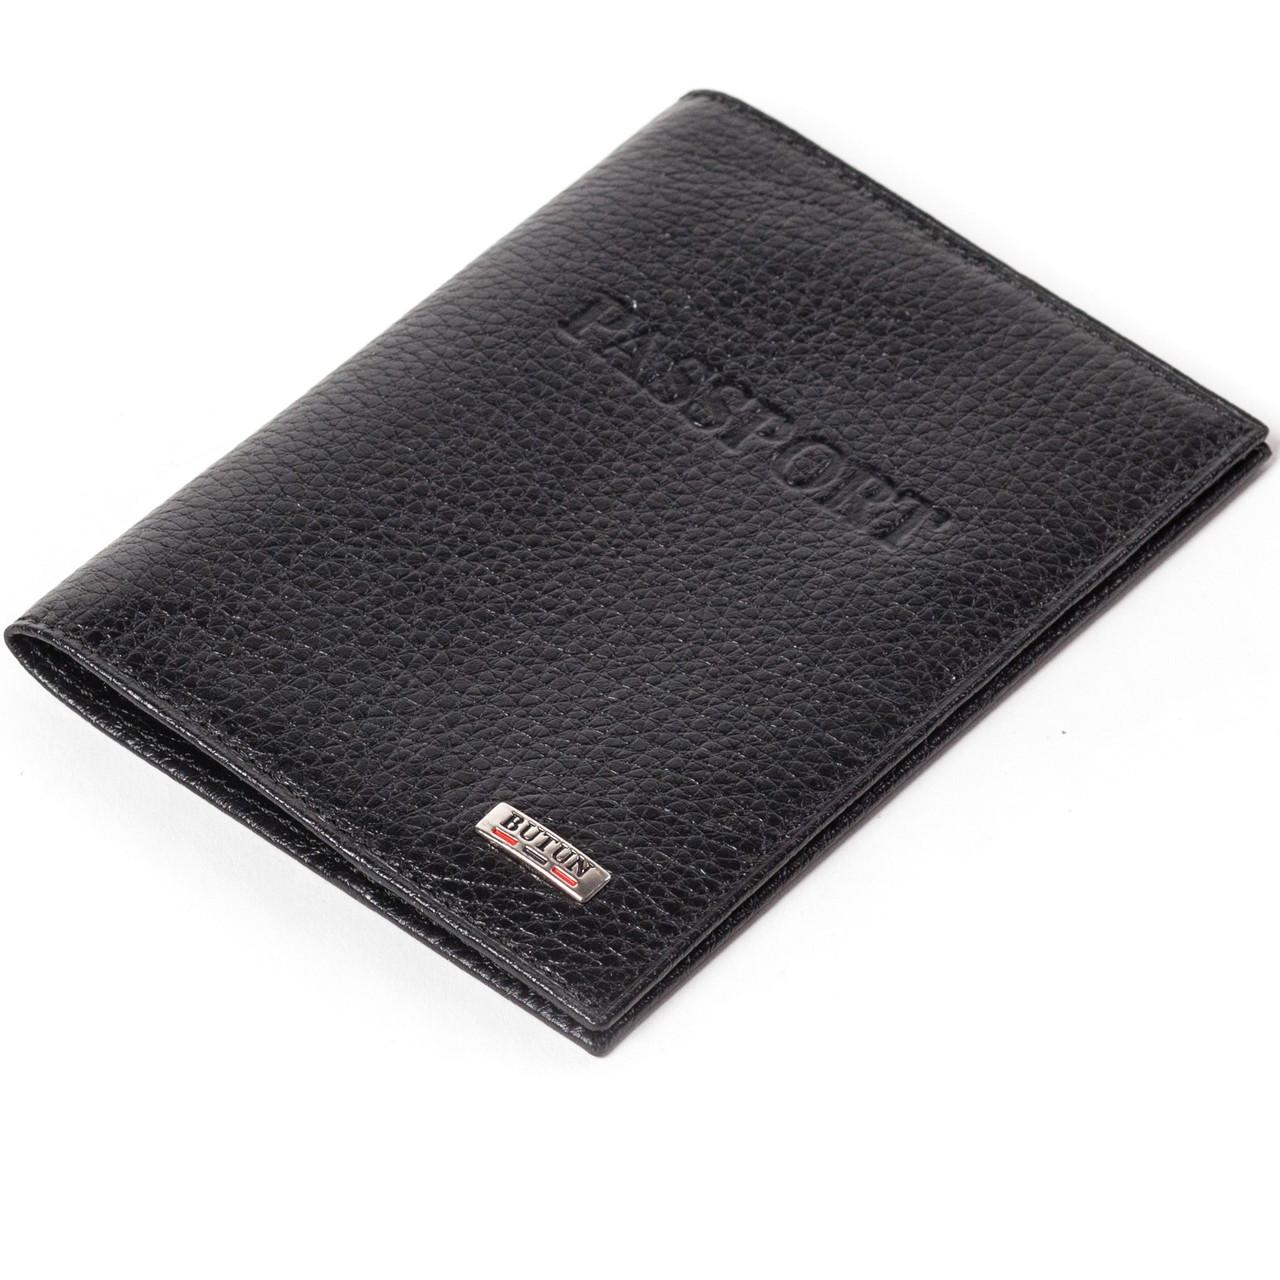 Кожаная обложка на паспорт черная Butun 147-004-001